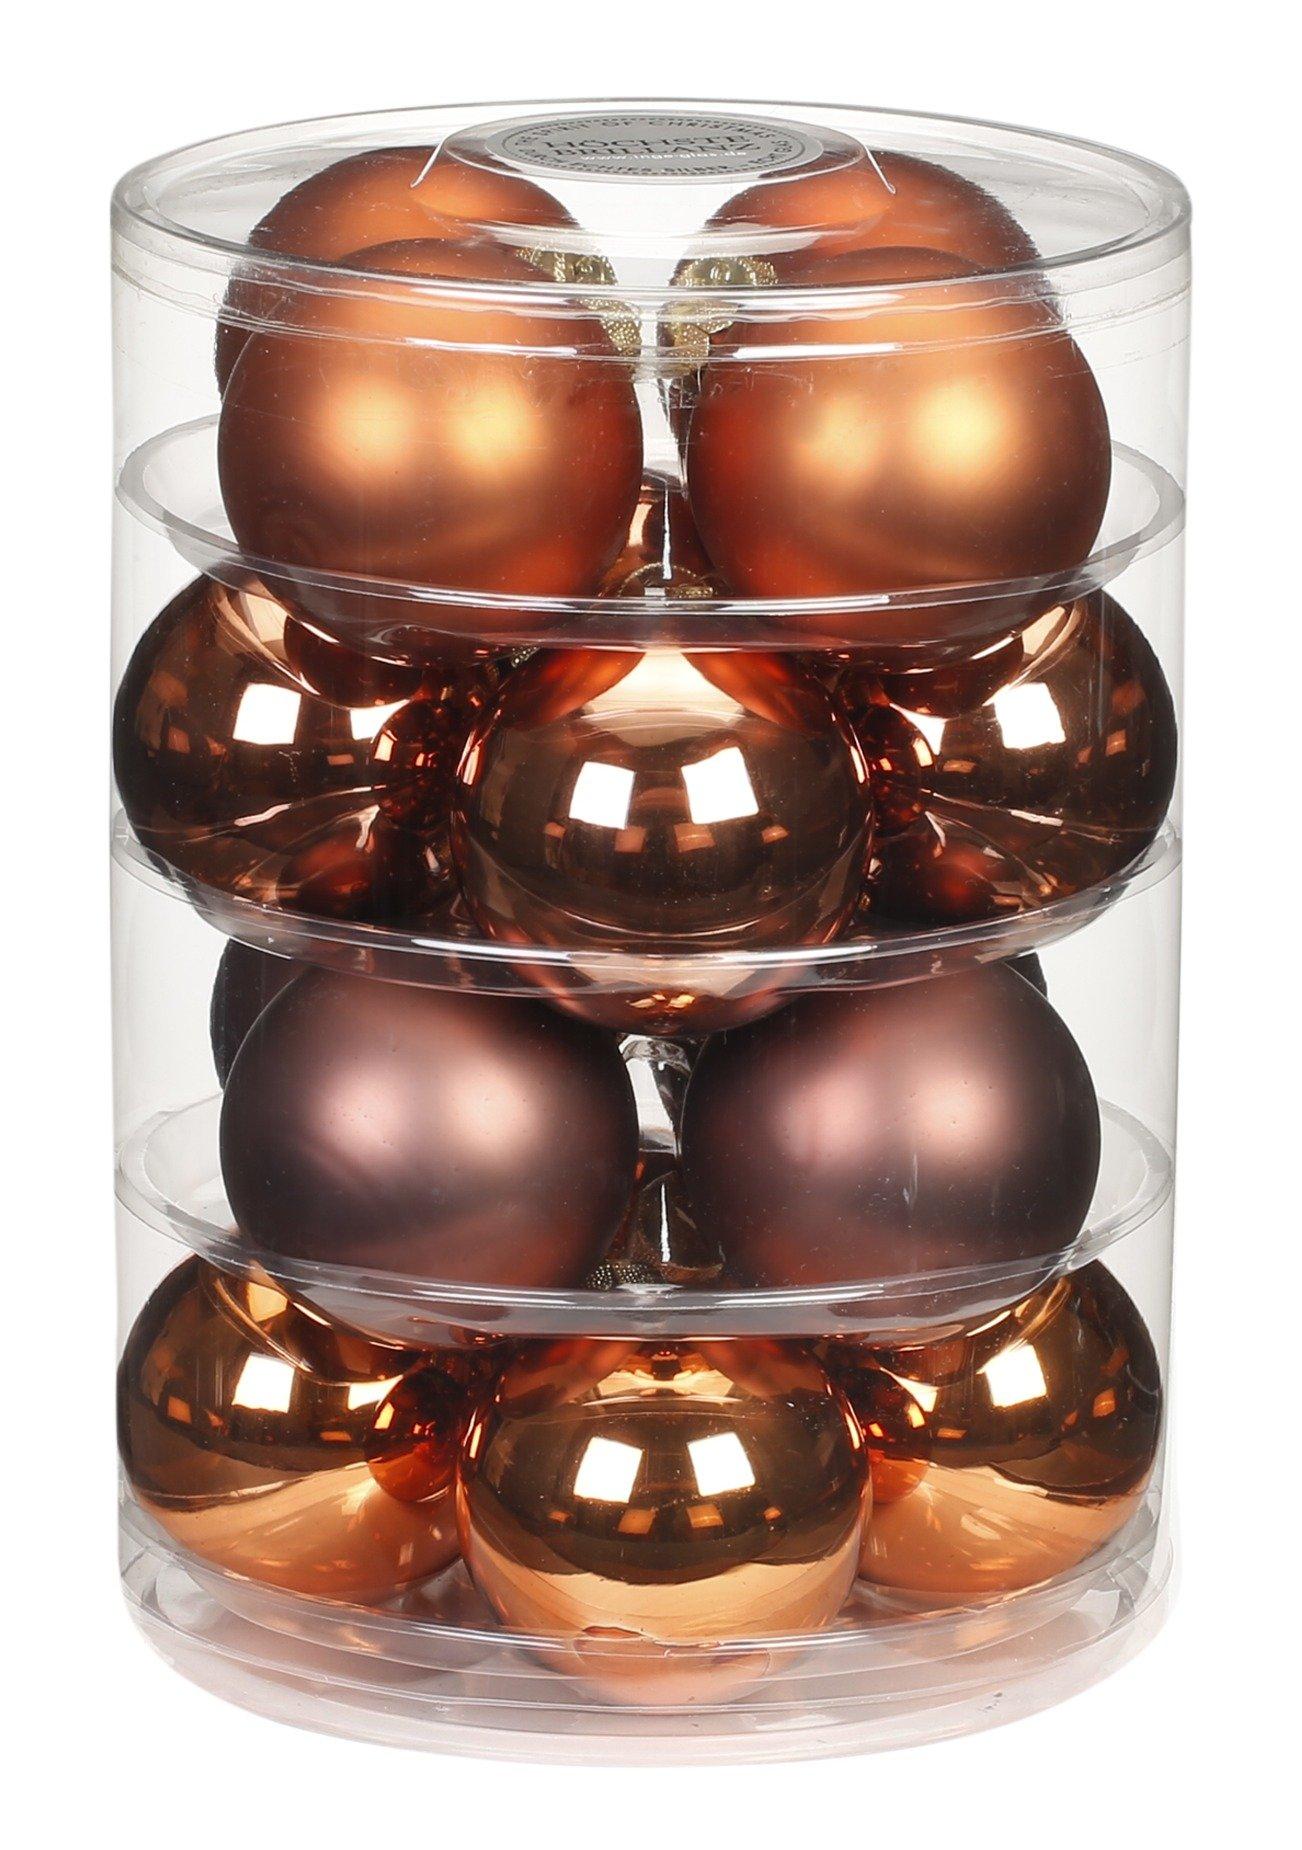 Inge-glas-15183D004-MO-Kugel-16-Stck-75mm-Copper-Brown-Mix-Christbaumaufhnger-Bunt